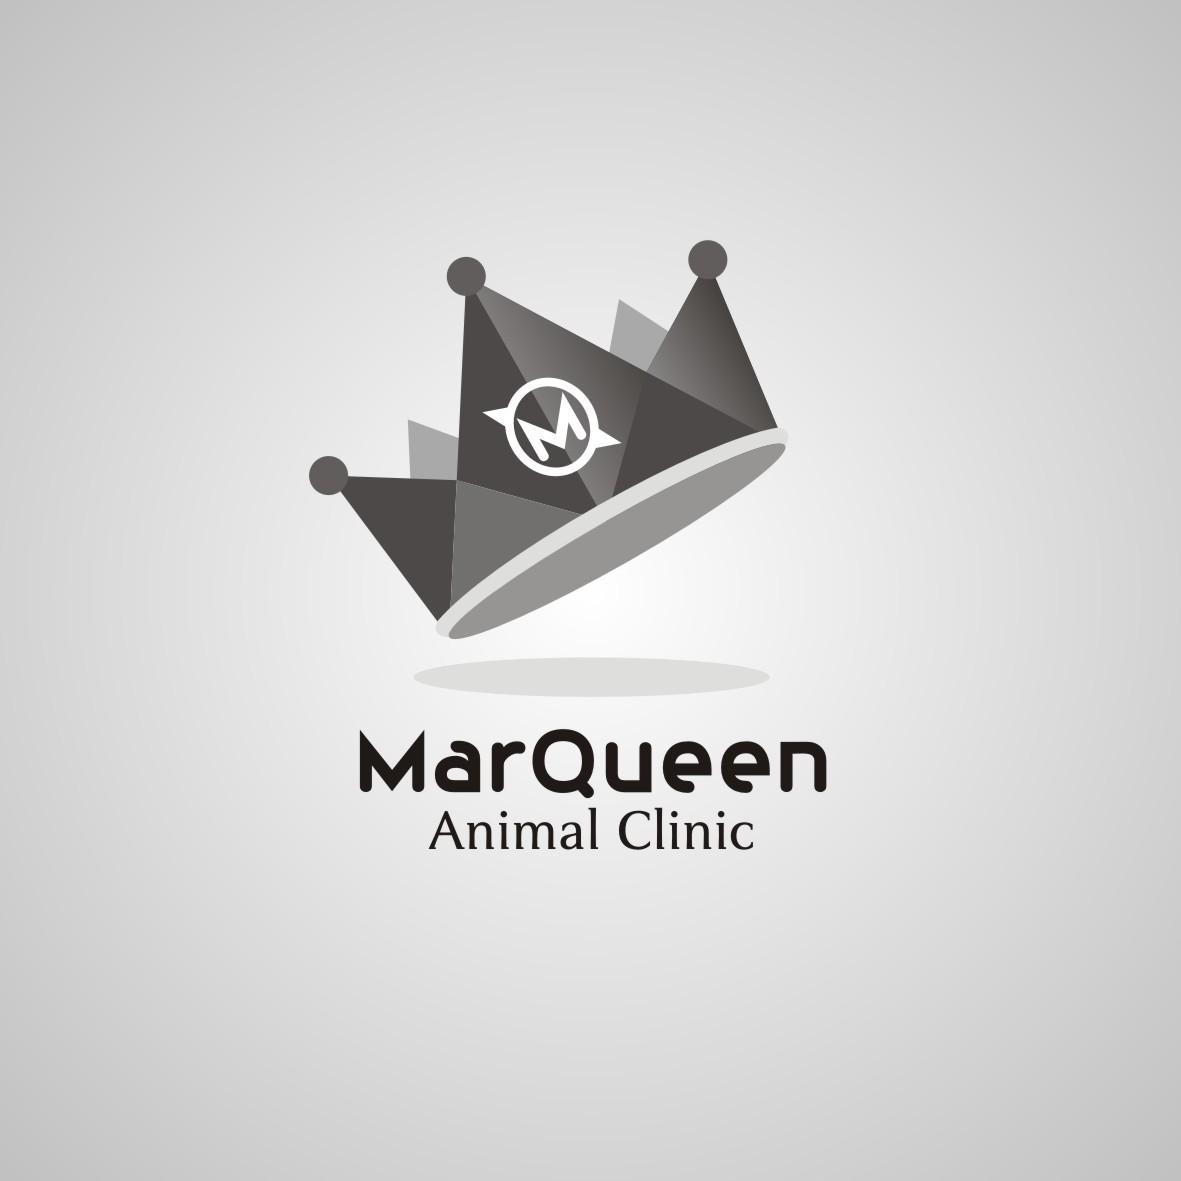 Logo Design by arteo_design - Entry No. 148 in the Logo Design Contest Fun Logo Design for MarQueen Animal Clinic.